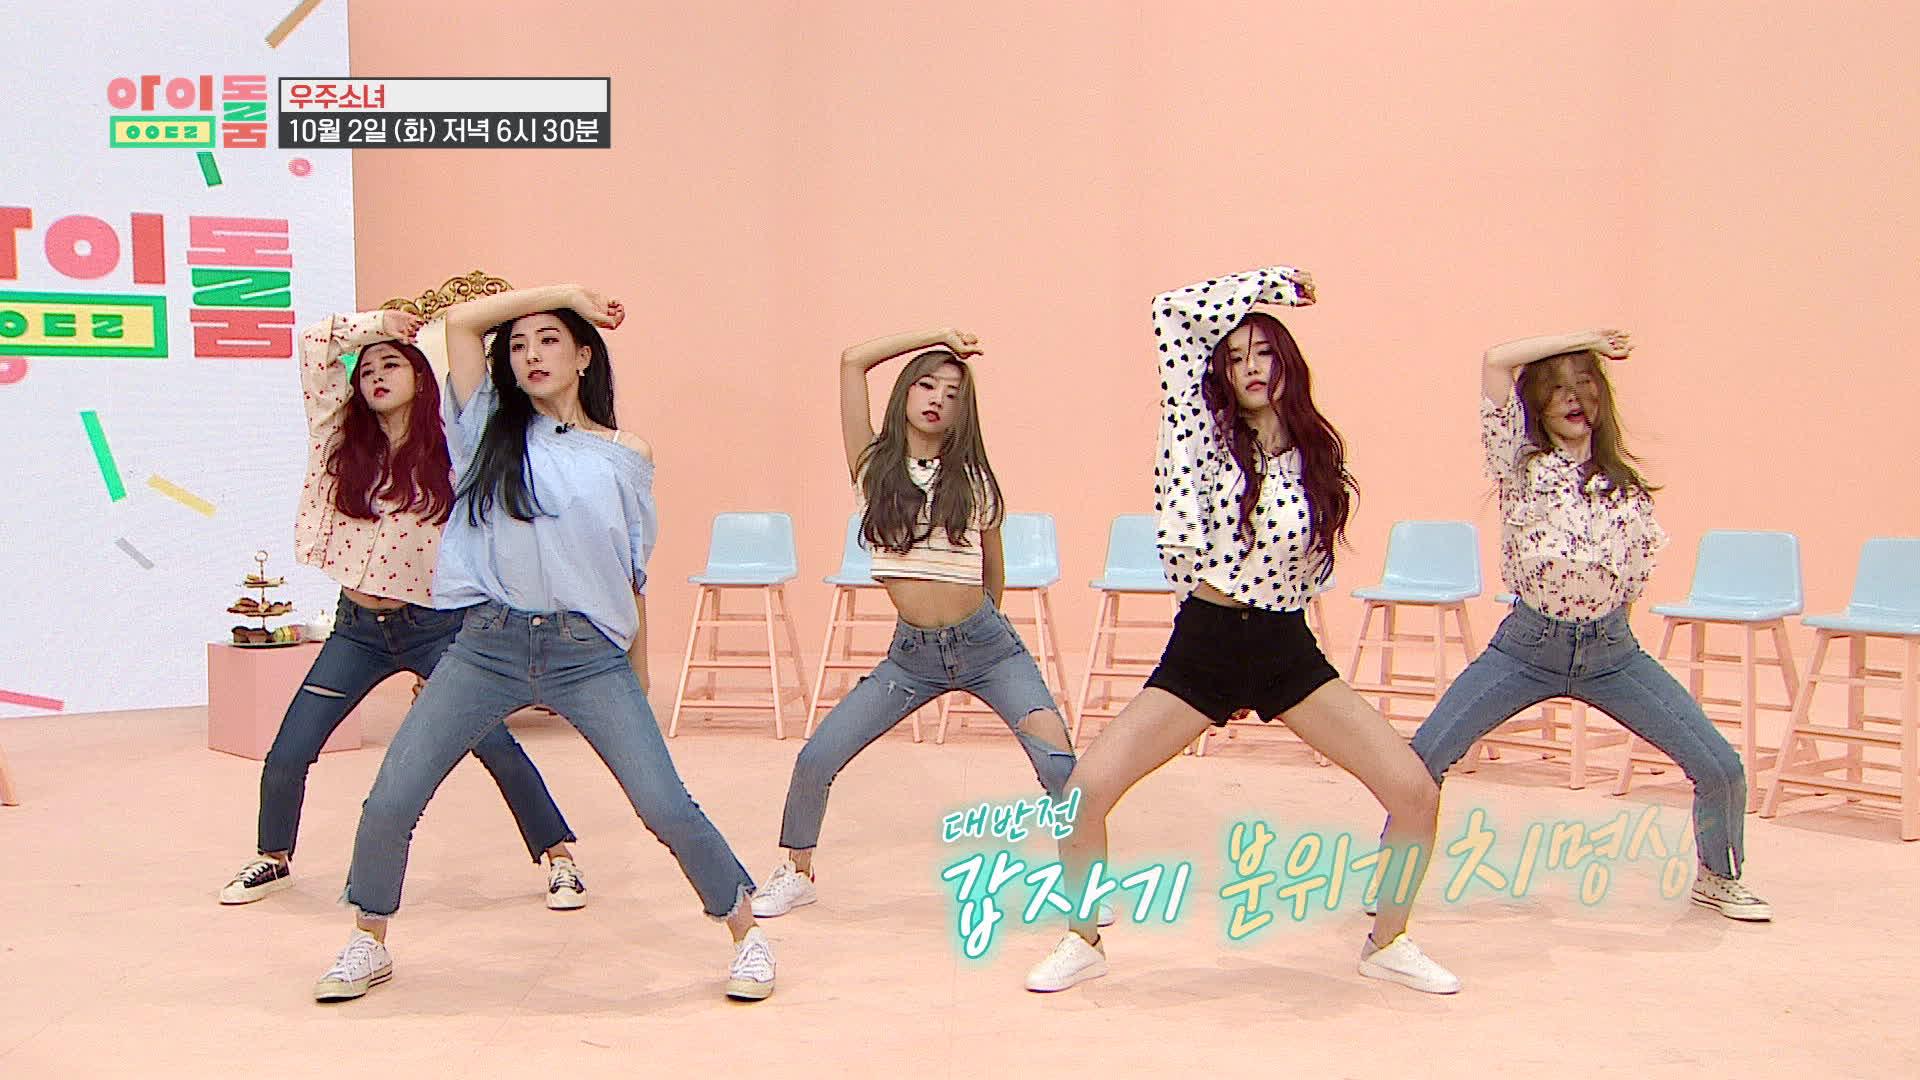 <아이돌룸> 21회 선공개 - 걸크러시 뿜뿜☆ 우주소녀 커버댄스